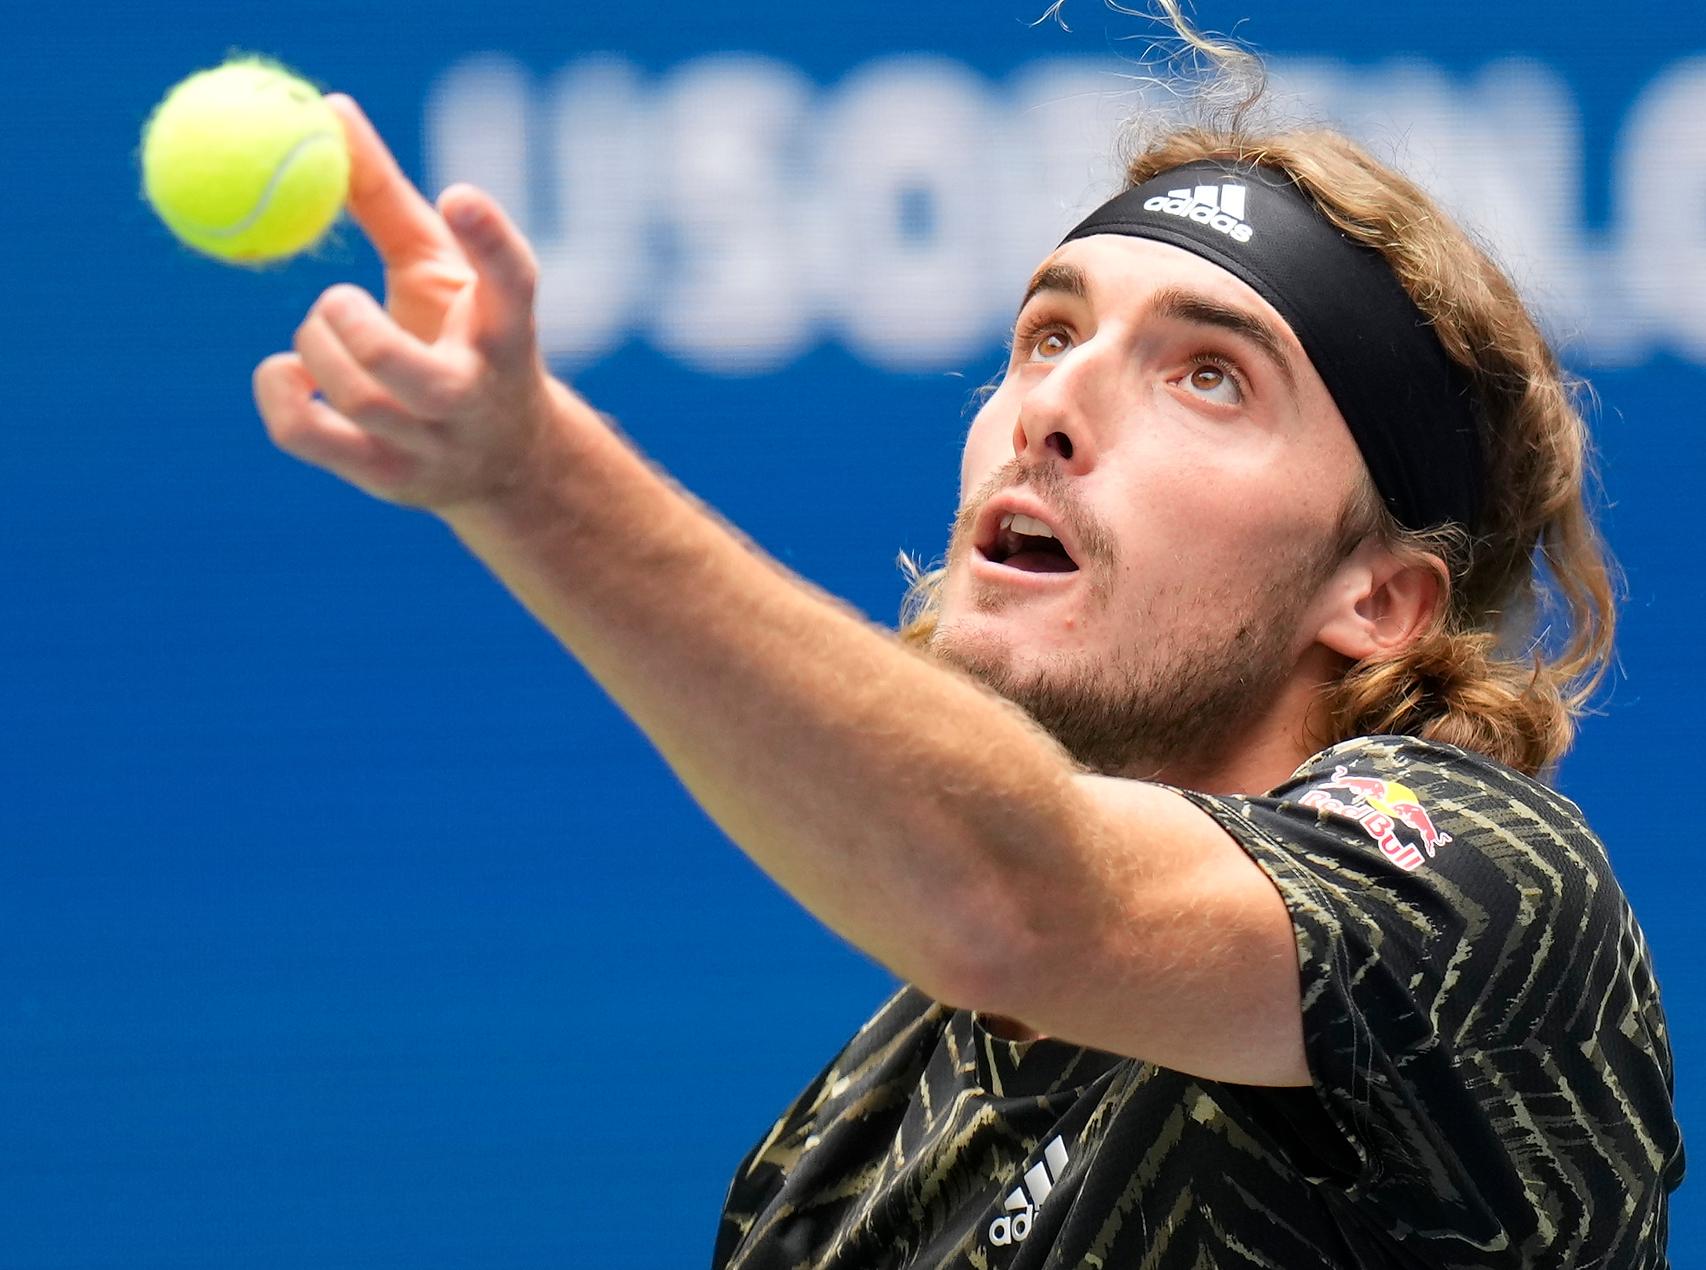 Στέφανος Τσιτσιπάς – Άντι Μάρεϊ 3-2: Ανατροπή, νεύρα και πρόκριση στον δεύτερο γύρο του US Open